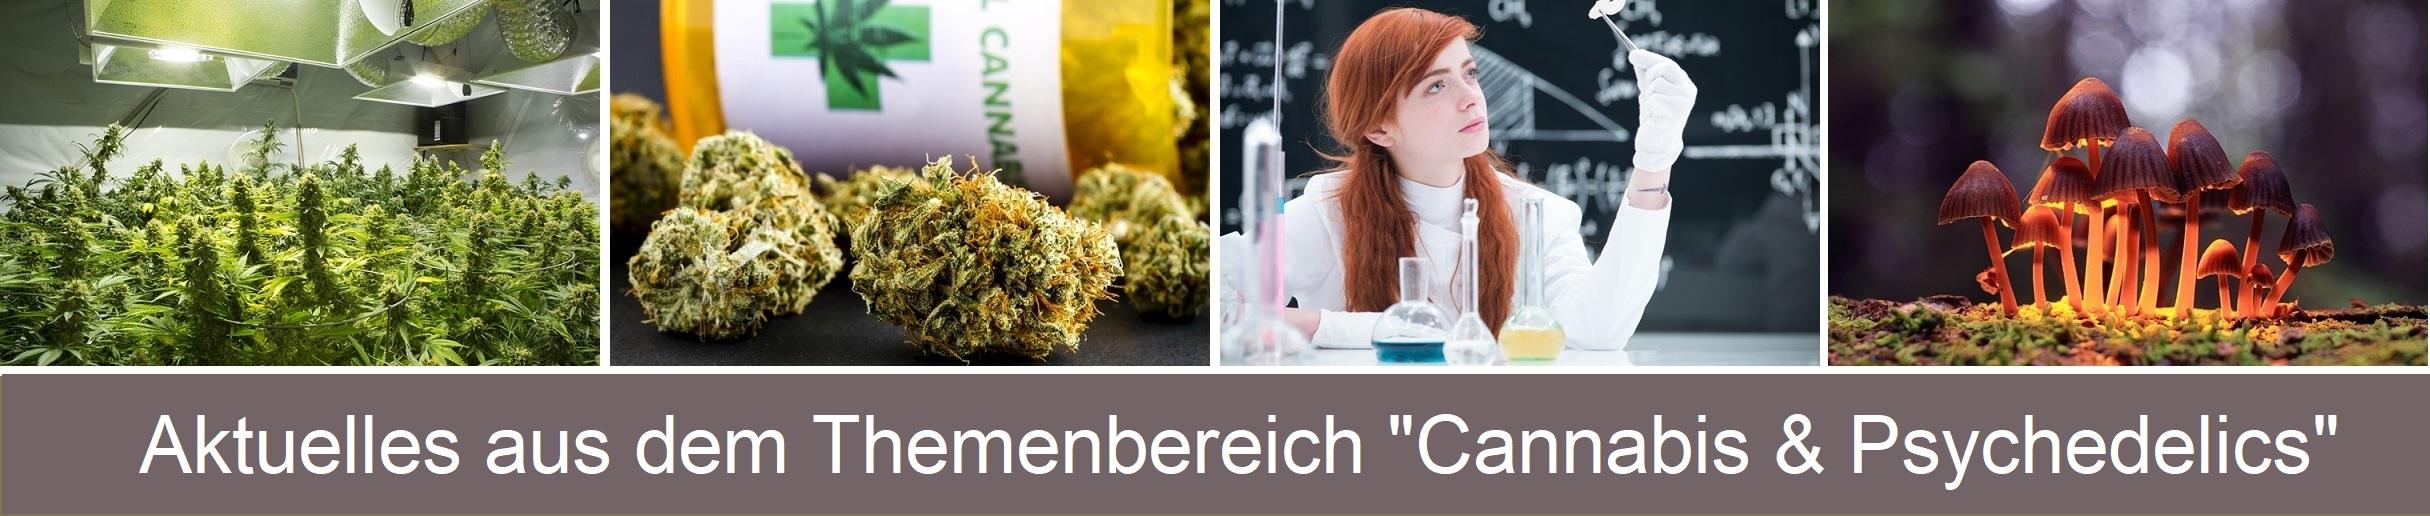 Cannabis Forschung